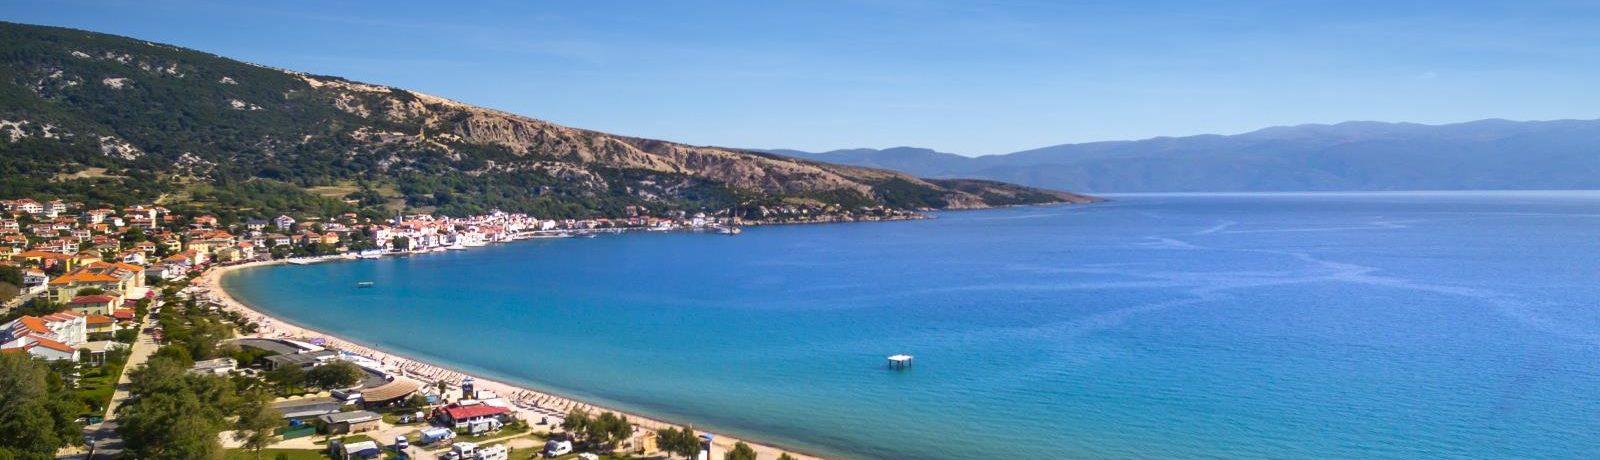 Ontdek Camping Zablaće in Primorje-Gorski Kotar, gelegen op het westelijke gedeelte van een van de beroemdste stranden van Kroatië, het Vela Plaža in Baška.